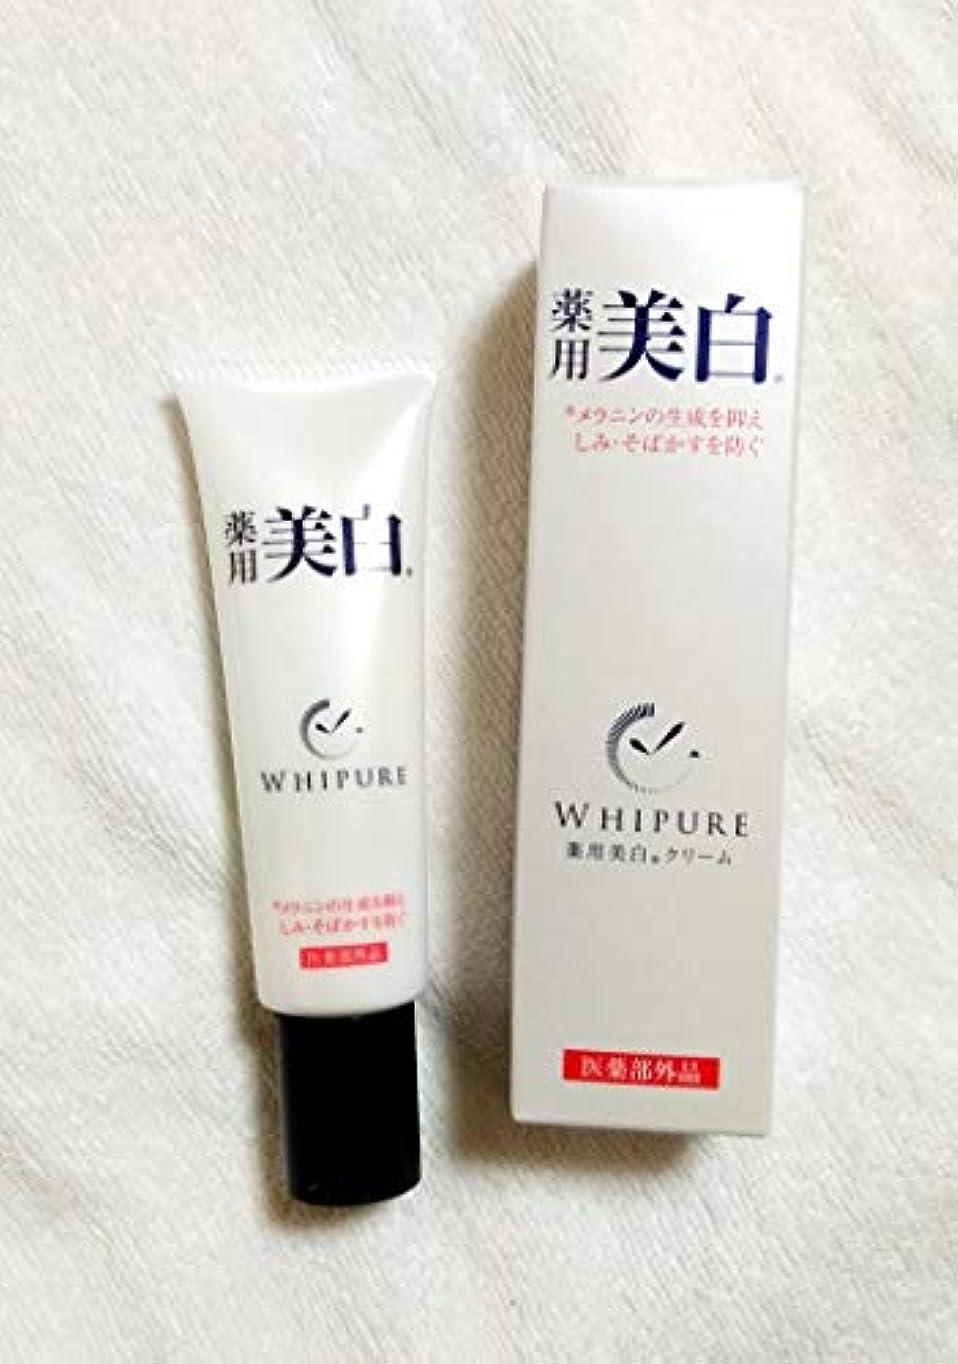 刃遺伝的シェアWHIPURE  薬用美白クリーム 27g